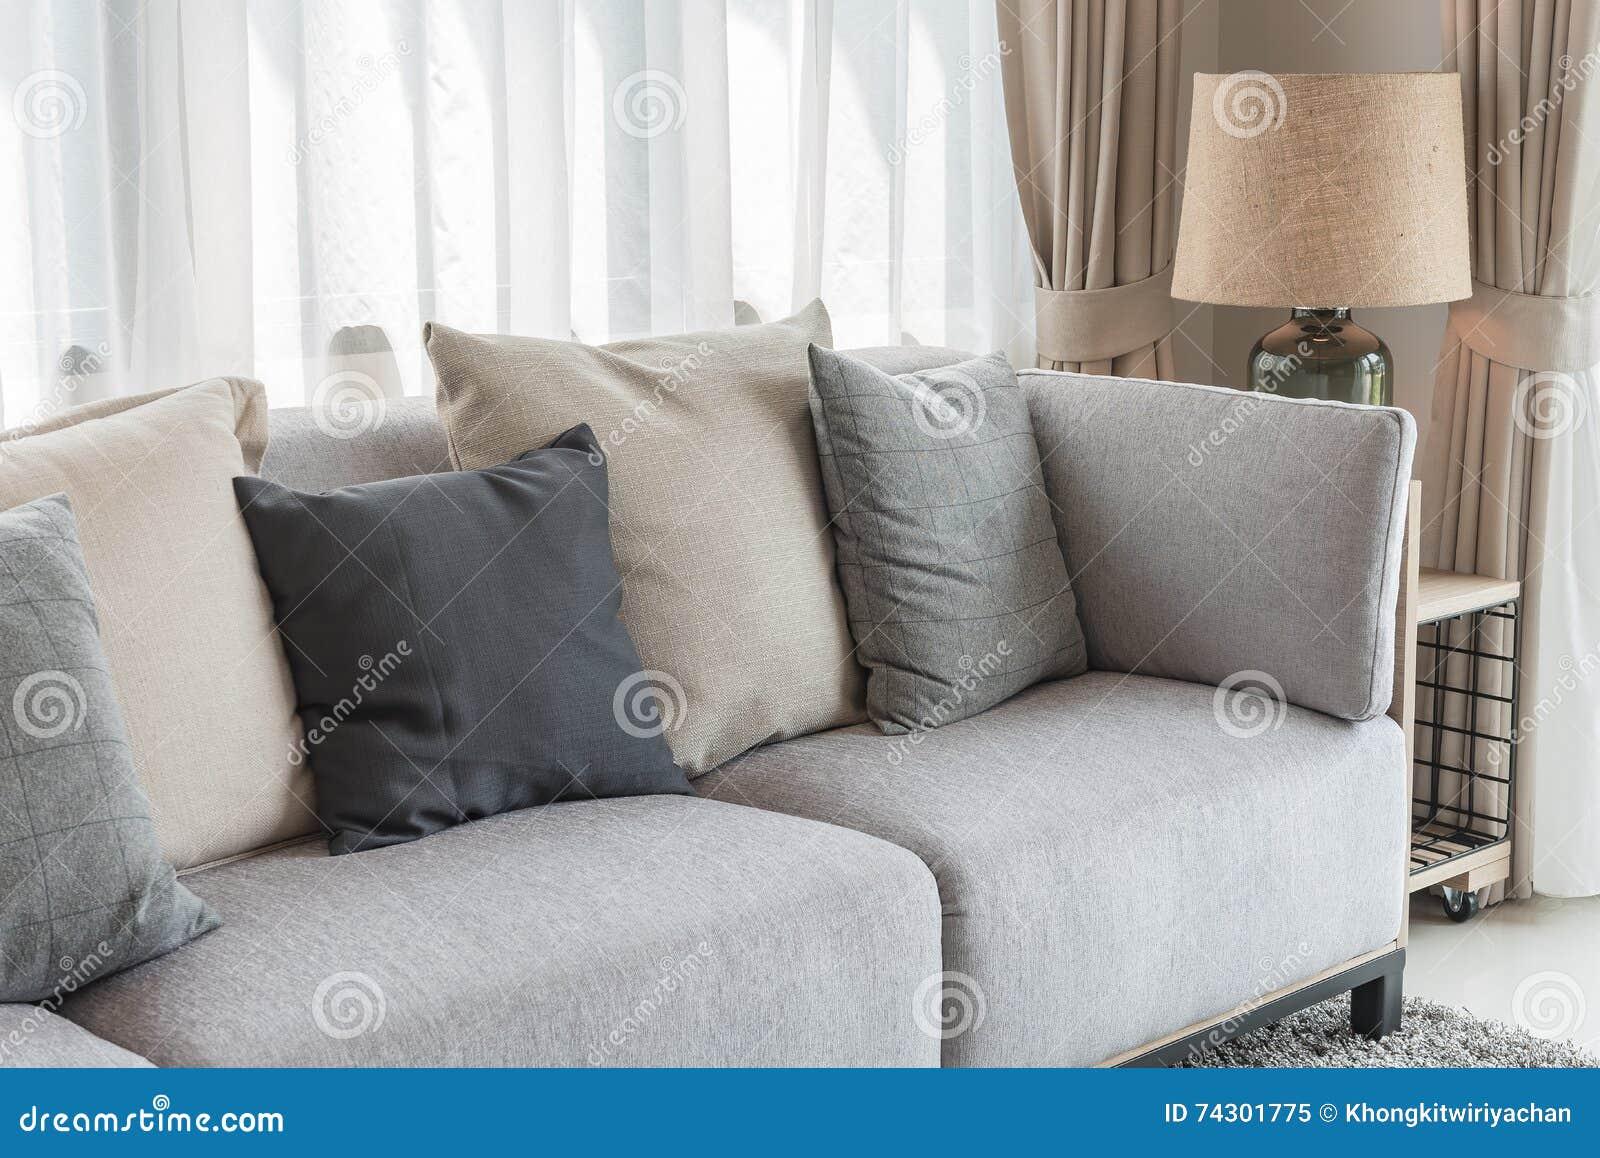 Modernes Graues Sofa Mit Kissen Und Moderne Lampe Auf Tabelle